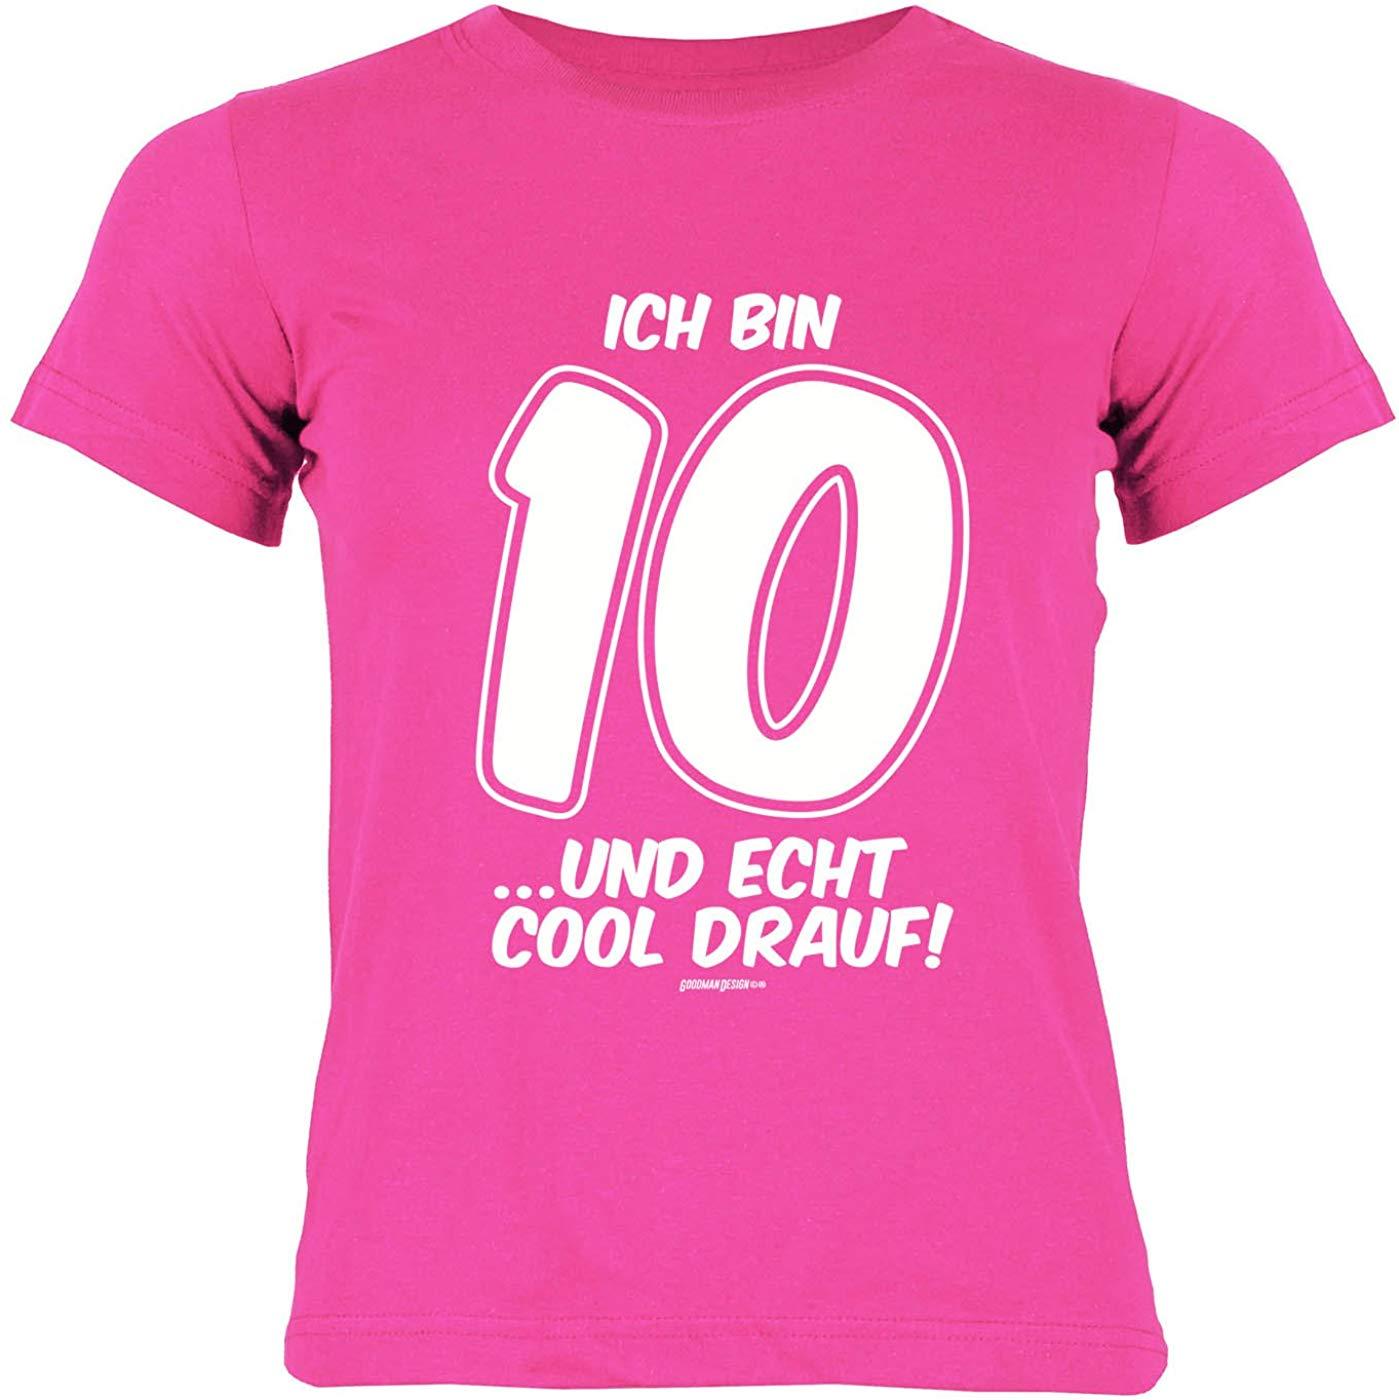 Full Size of Coole T Shirt Sprüche Für Männer Coole Sprüche Auf T Shirt Coole T Shirts Mit Sprüchen Baby T Shirt Coole Sprüche Küche Coole T Shirt Sprüche